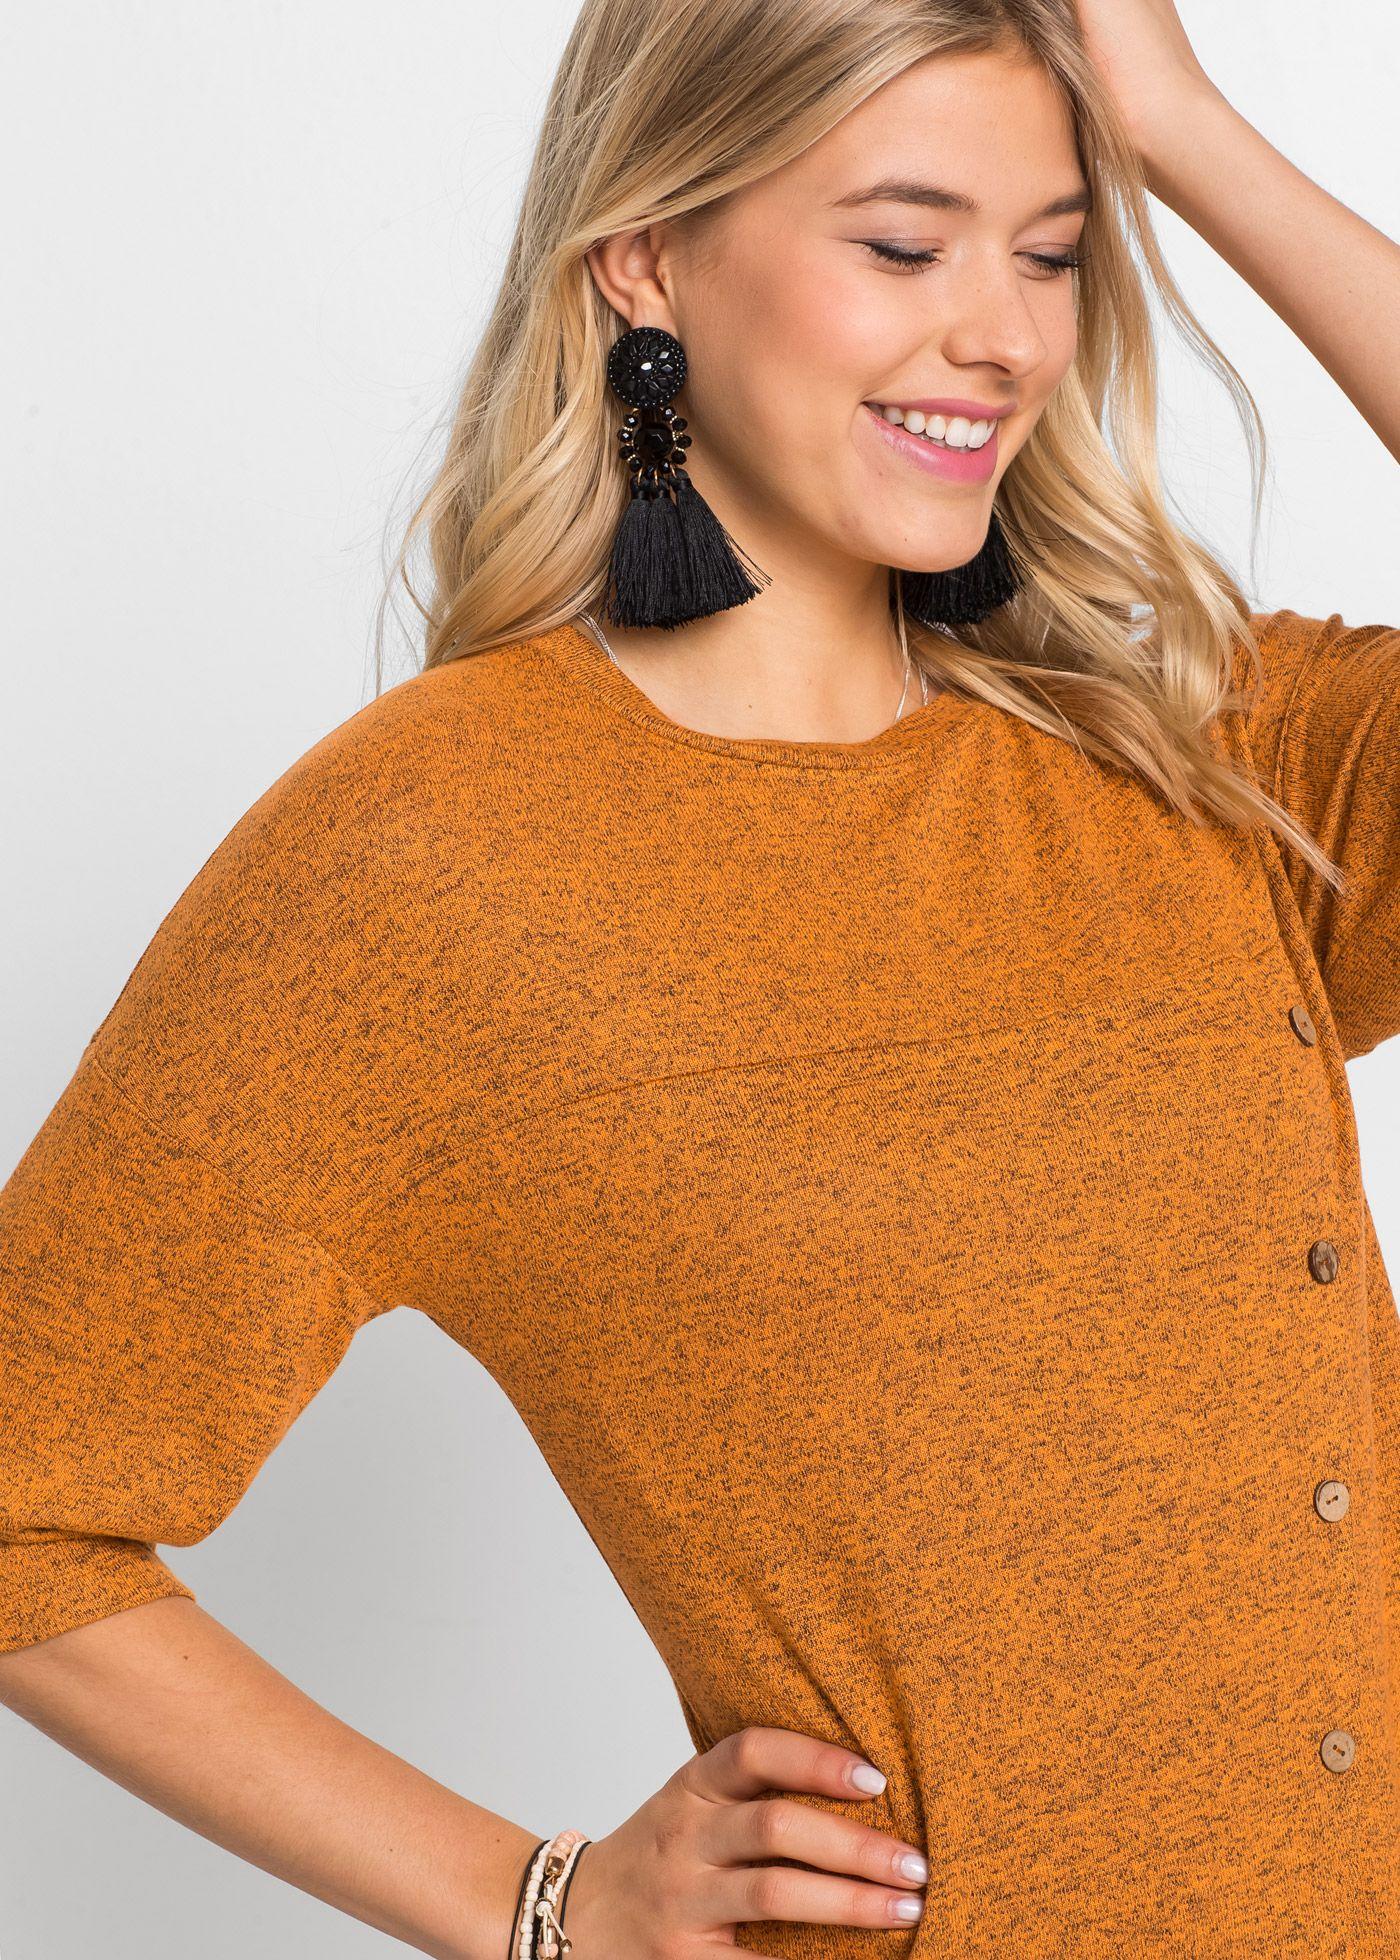 Shirtkleid mit Knopfleiste gelb - RAINBOW online bestellen  Kurze